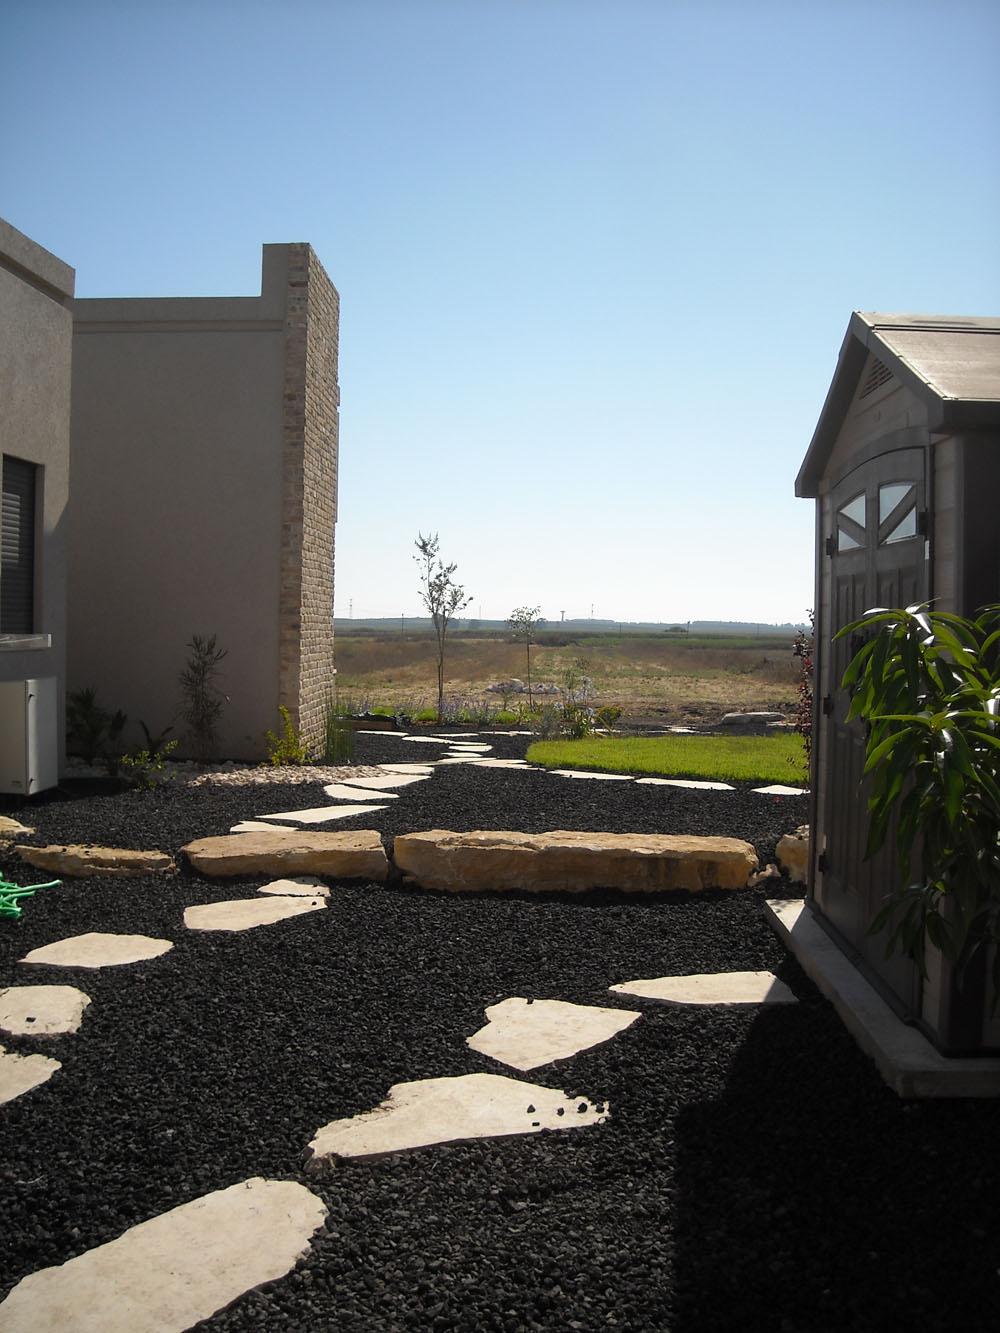 מבט מהחצר הפנימית אל החצר האחורית. שימוש נרחב בטוף שחור ואבני מדרך לבנות.